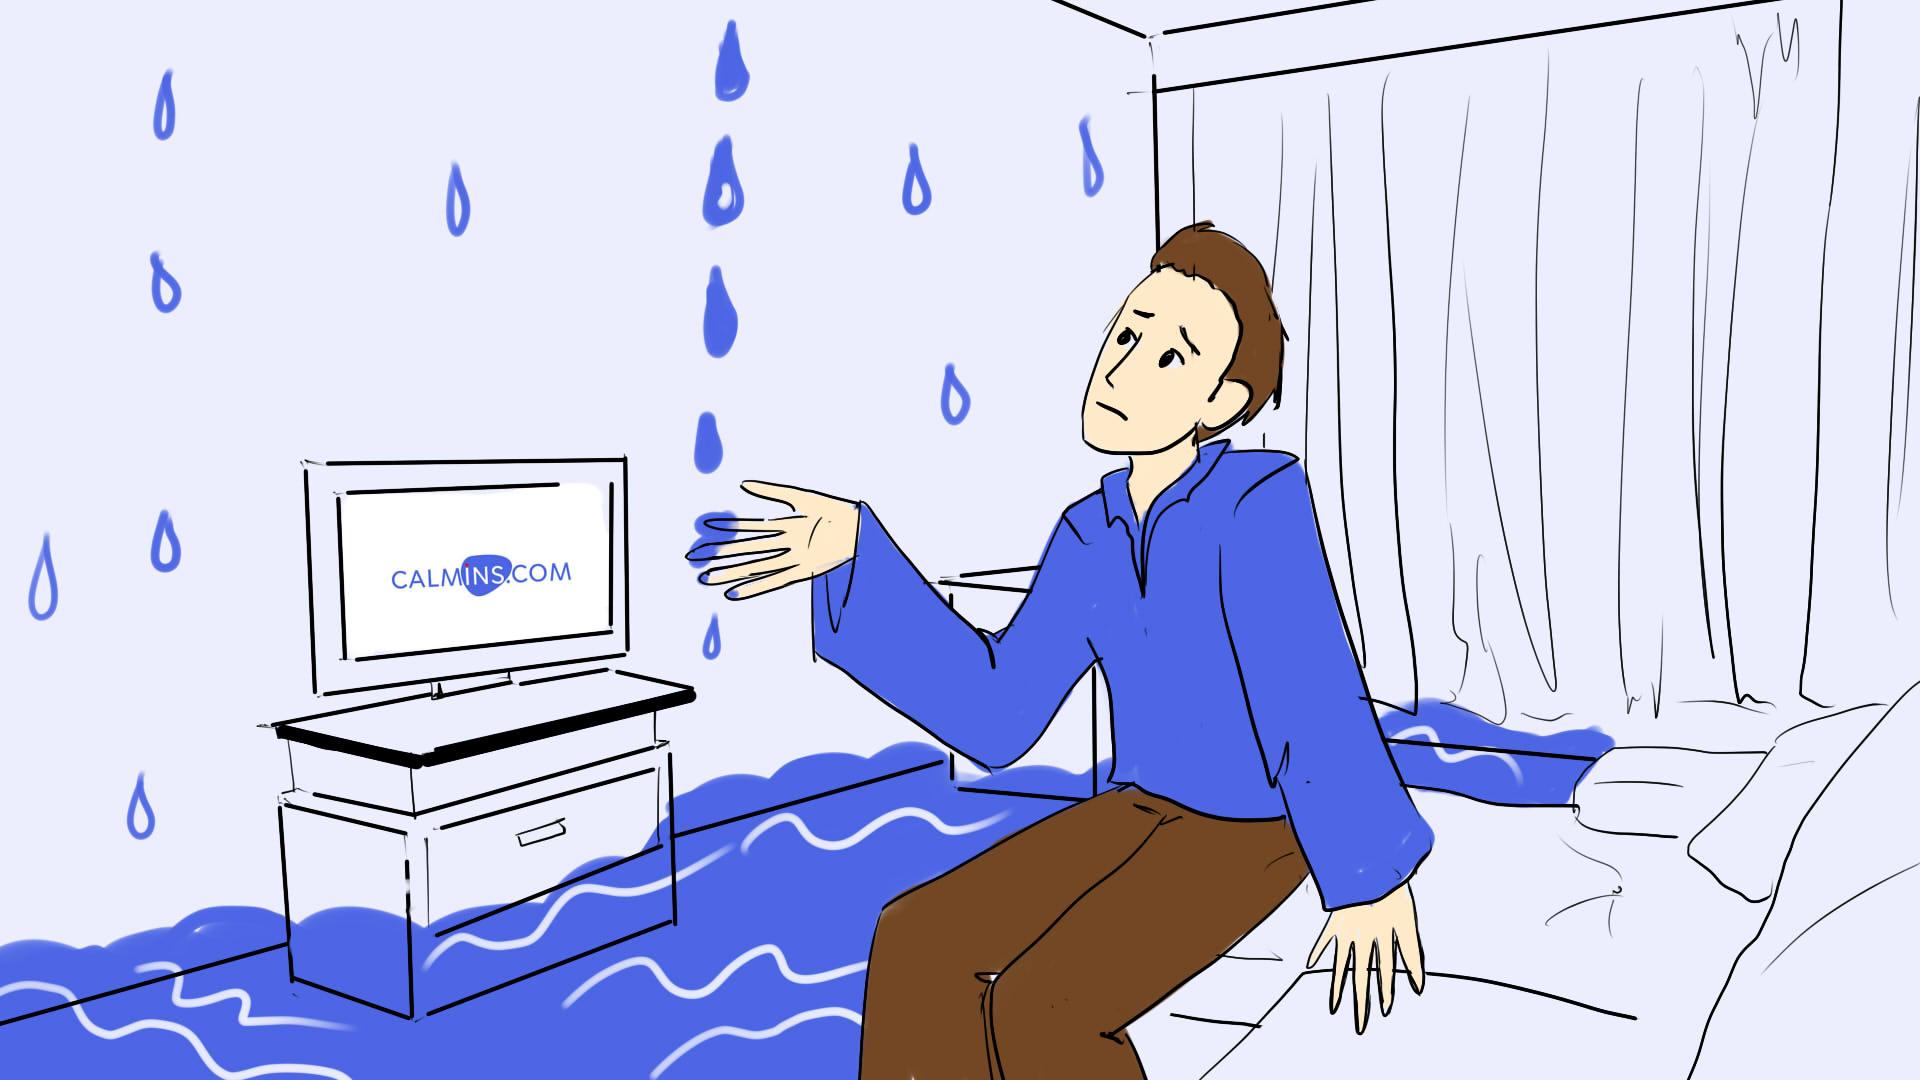 Выплаты по страховке: стоит ли страховать квартиру?